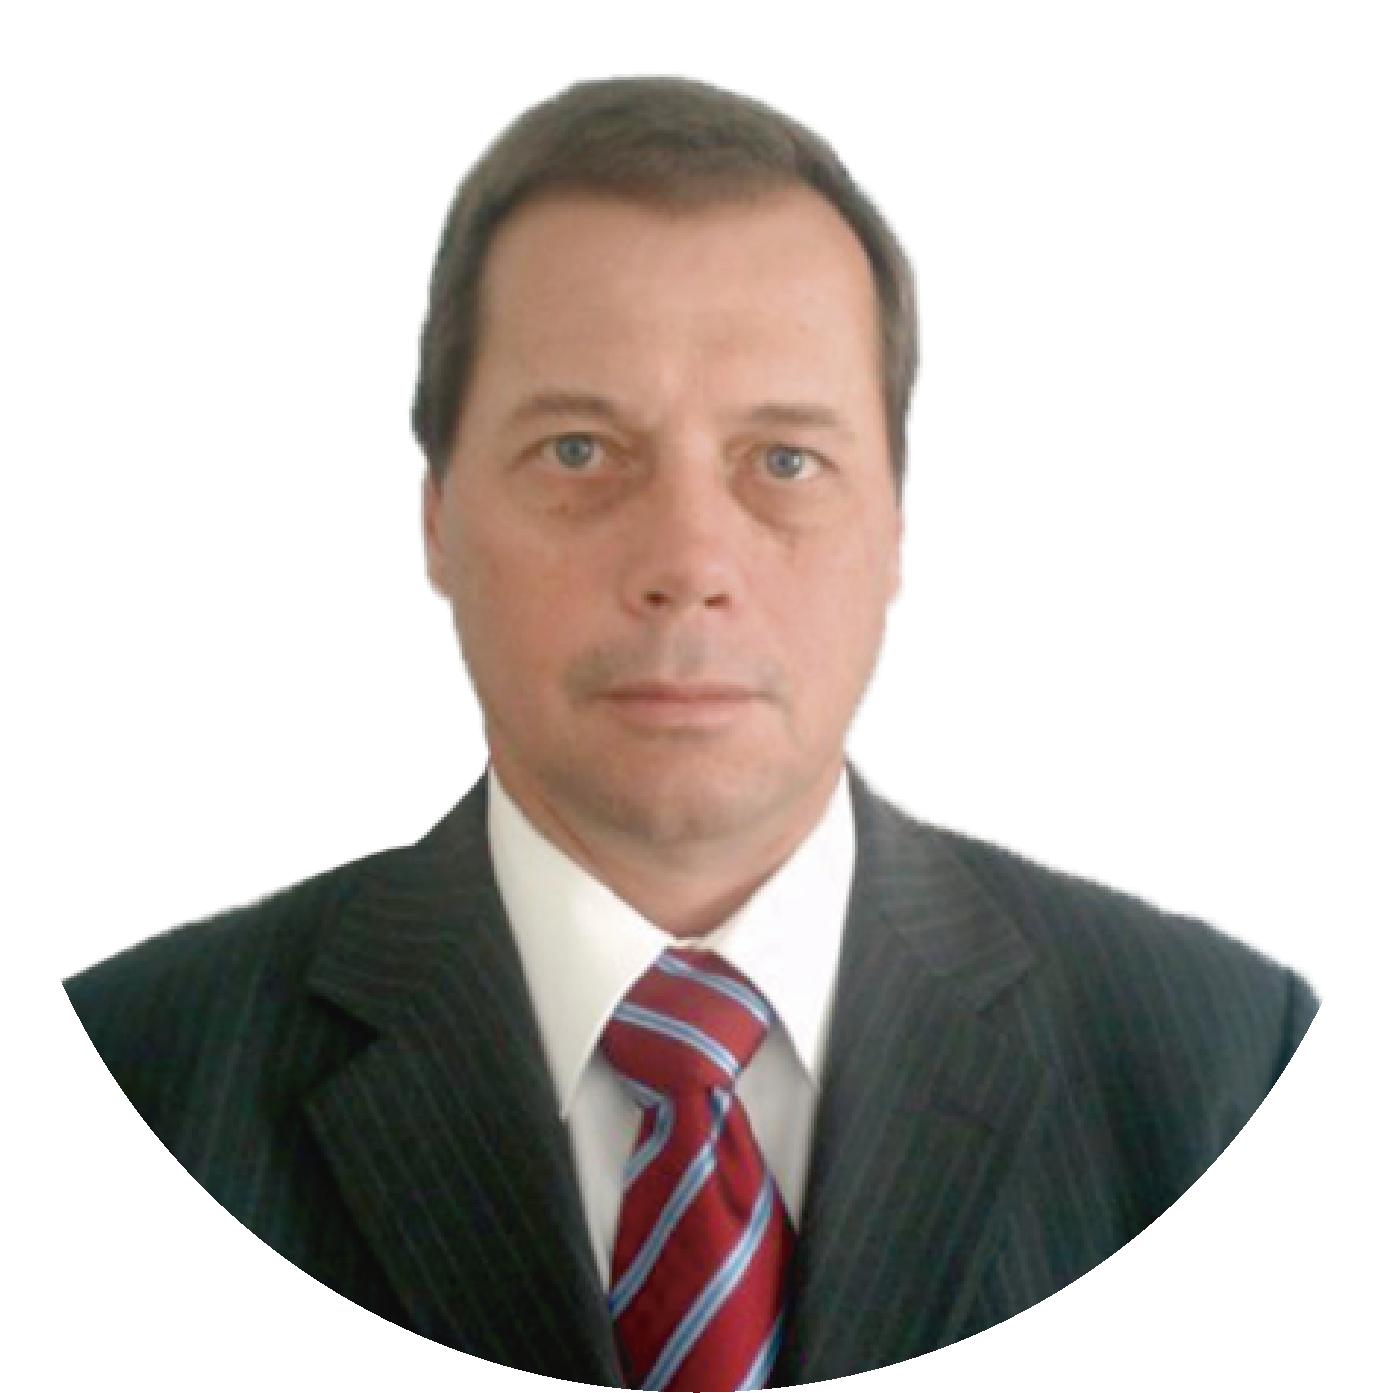 Adrián Howald Mauer - Egresado de la ETHZ en Suiza y del Busines School IPADE, cuenta con treinta y tres años de experiencia en la industria de la hospitalidad, seis años como director del Instituto Suizo de Gastronomía y Hotelería, fundador de varios restaurantes en la ciudad de Puebla.